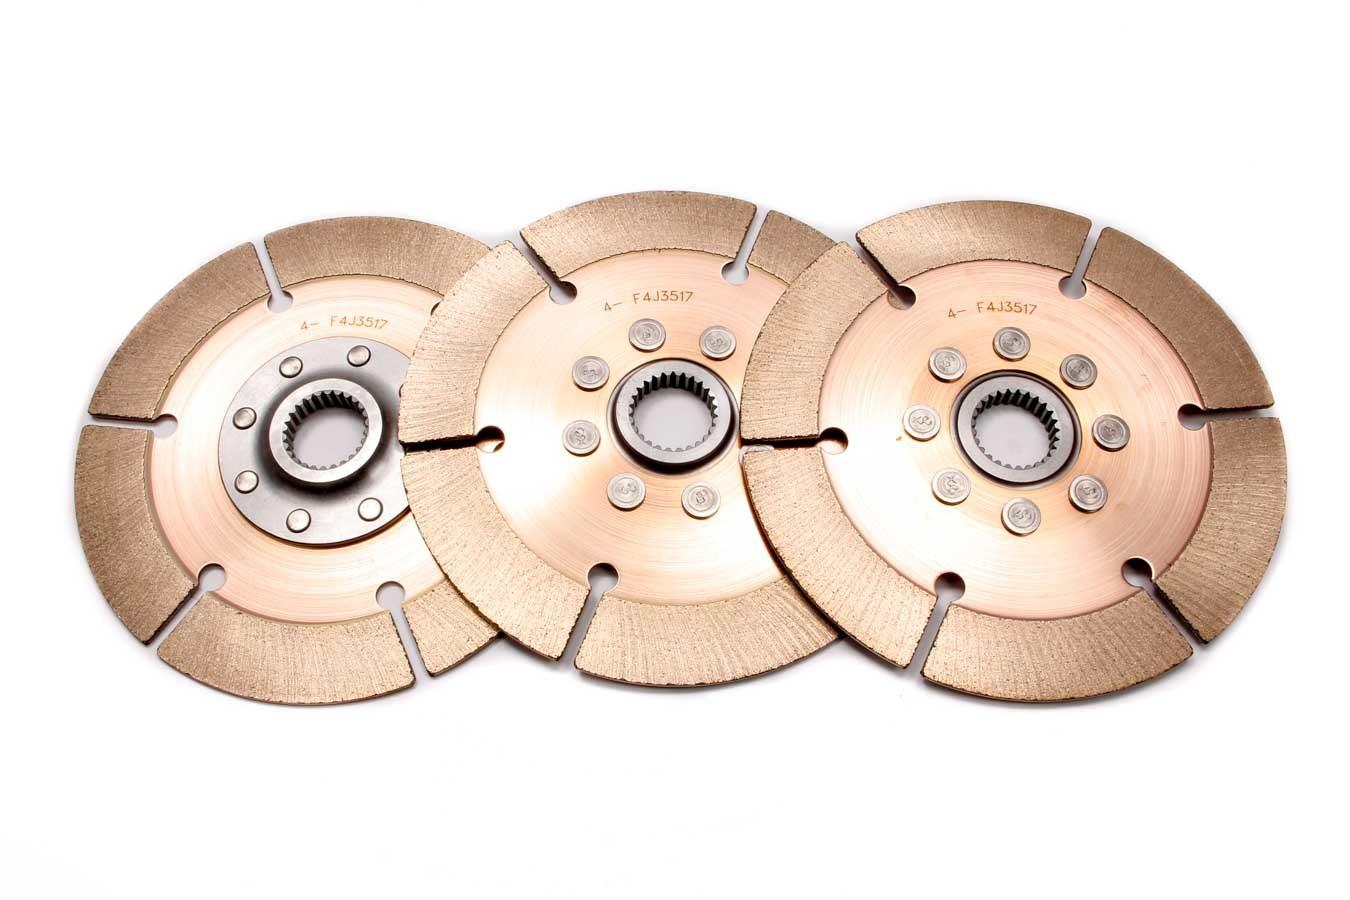 Clutch Pack 3 Disc 7.25 1-5/32 x 26spl Metallic